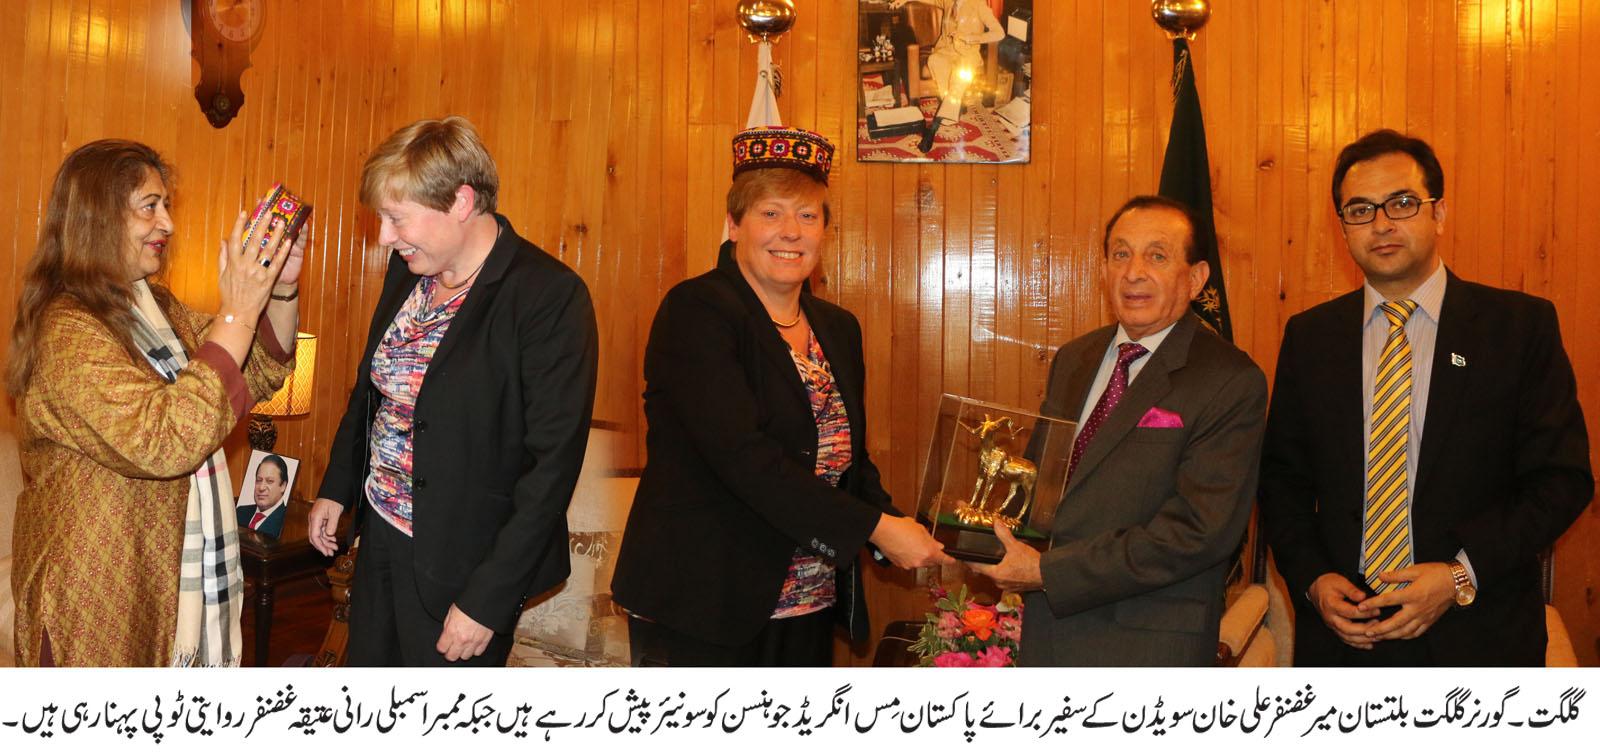 سویڈن کے سفیر کی گورنر گلگت بلتستان سے ملاقات، سیاحت کے فروغ کے لئے ہر ممکن کوشش کرنے کی یقین دہانی